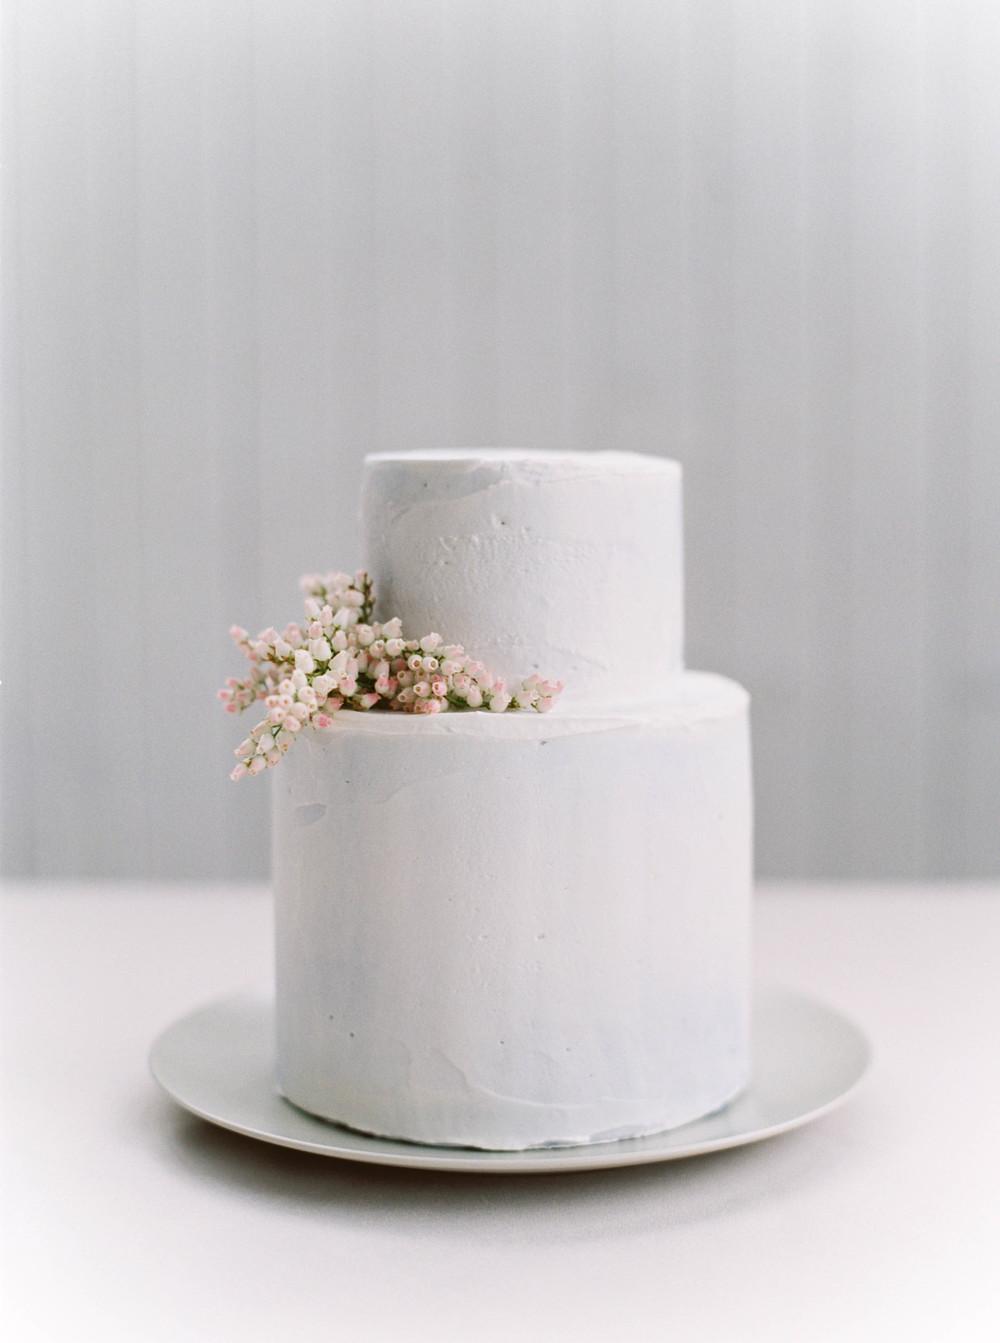 Maria_Lamb-Old-Hangar-Cake03.jpg